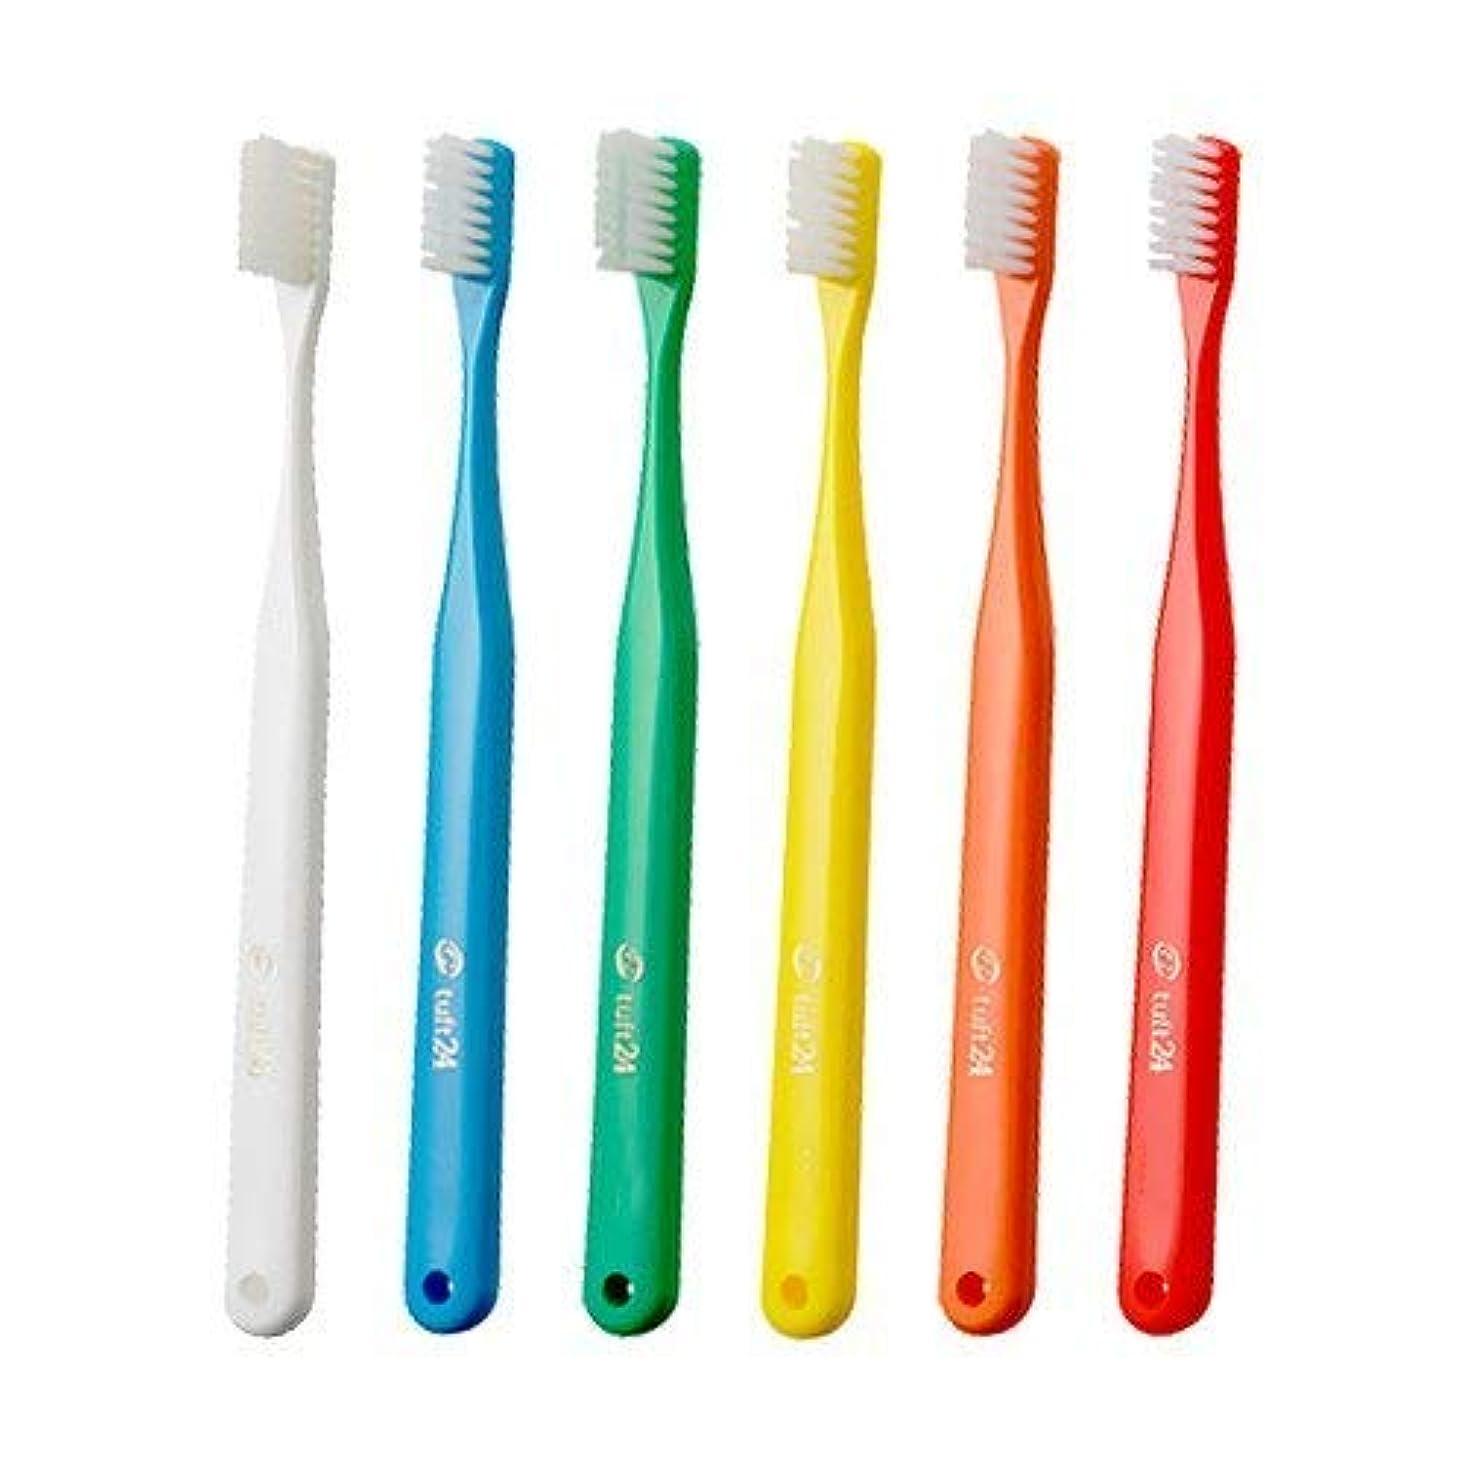 素晴らしい懐疑論欠員キャップなし タフト24 歯ブラシ × 10本 (MS)